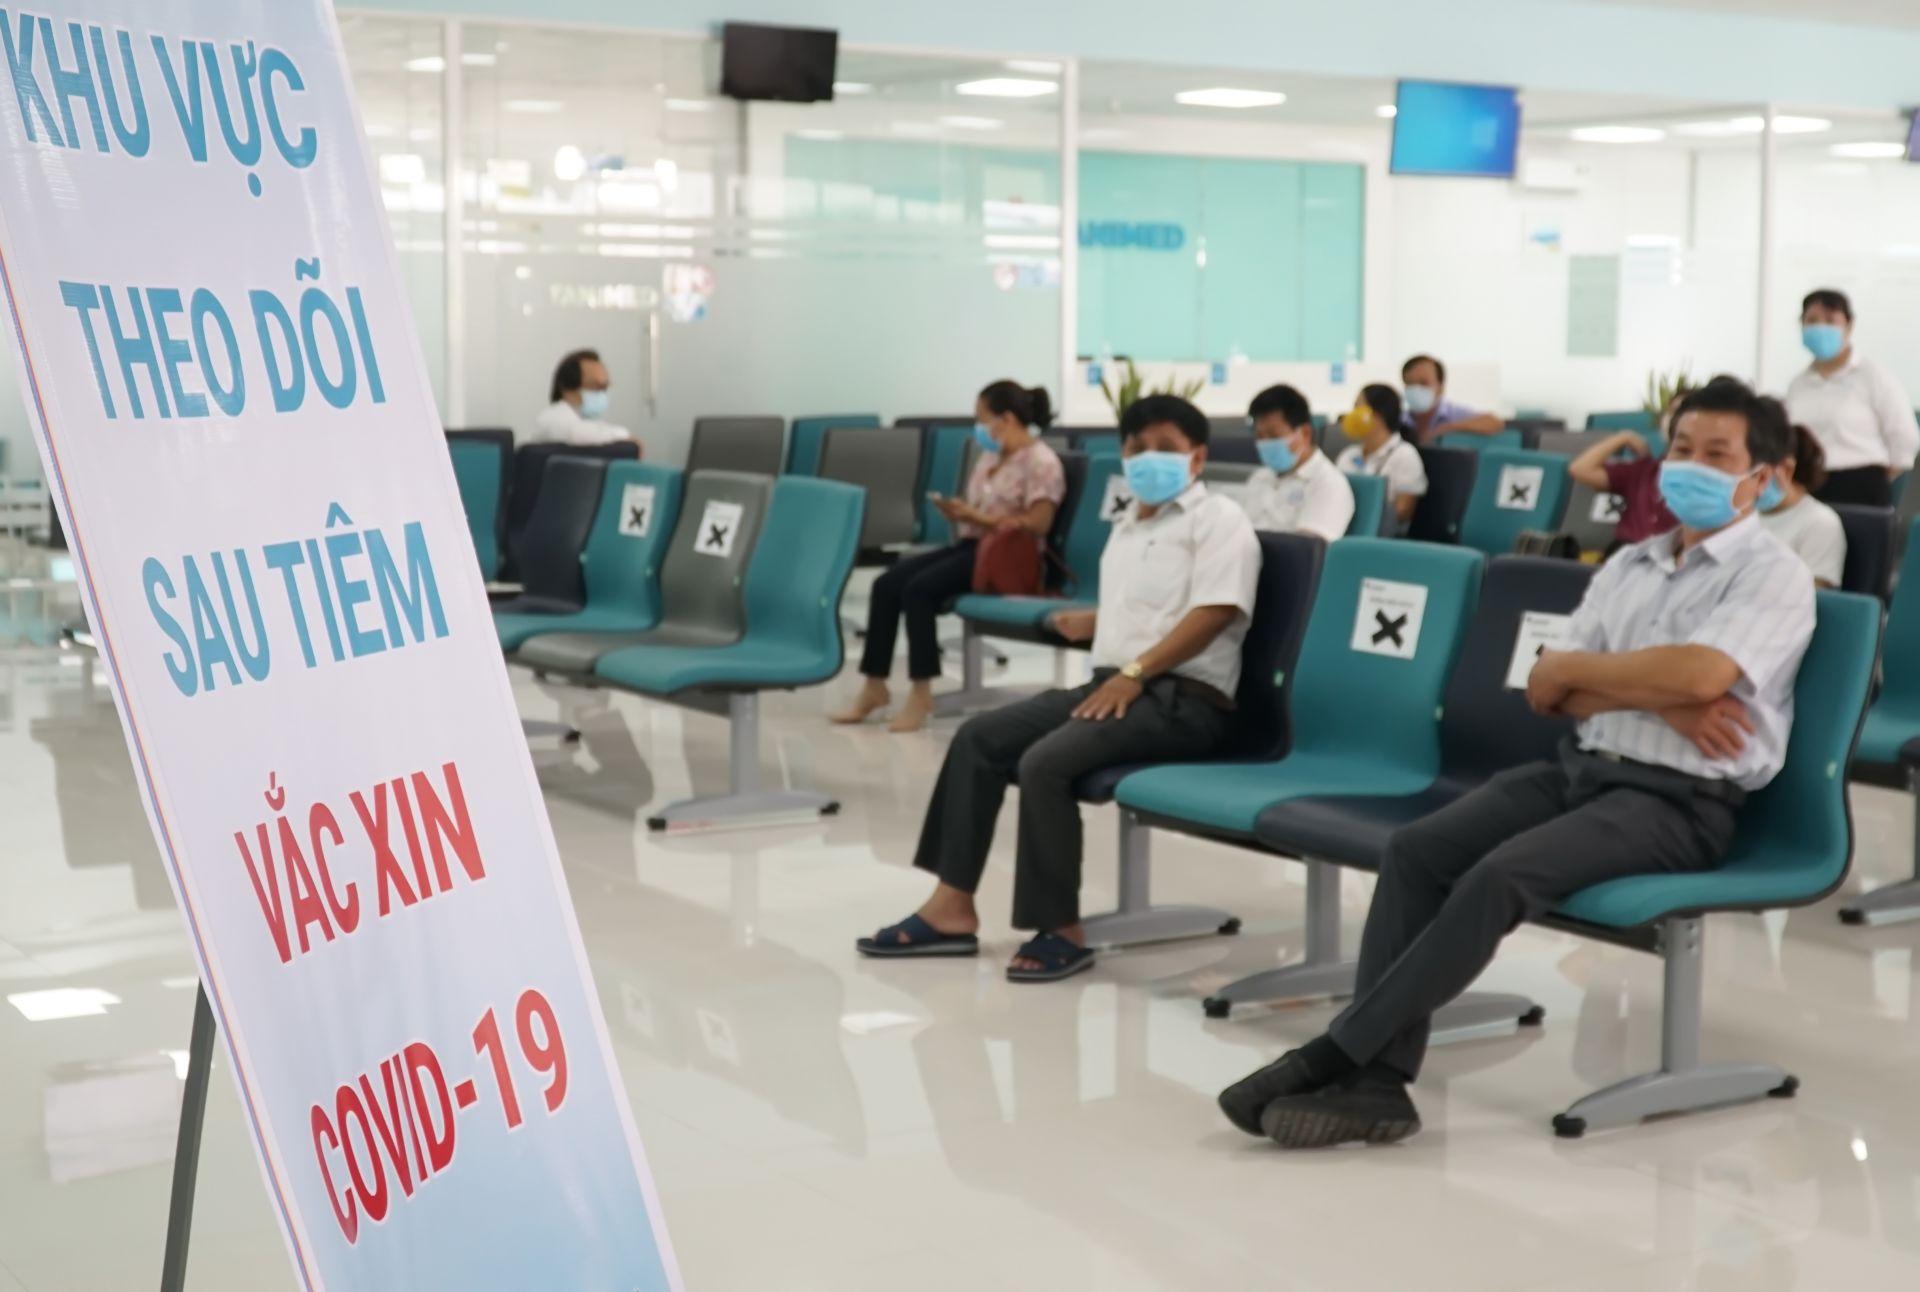 Điểm báo in Tây Ninh ngày 11.06.2021